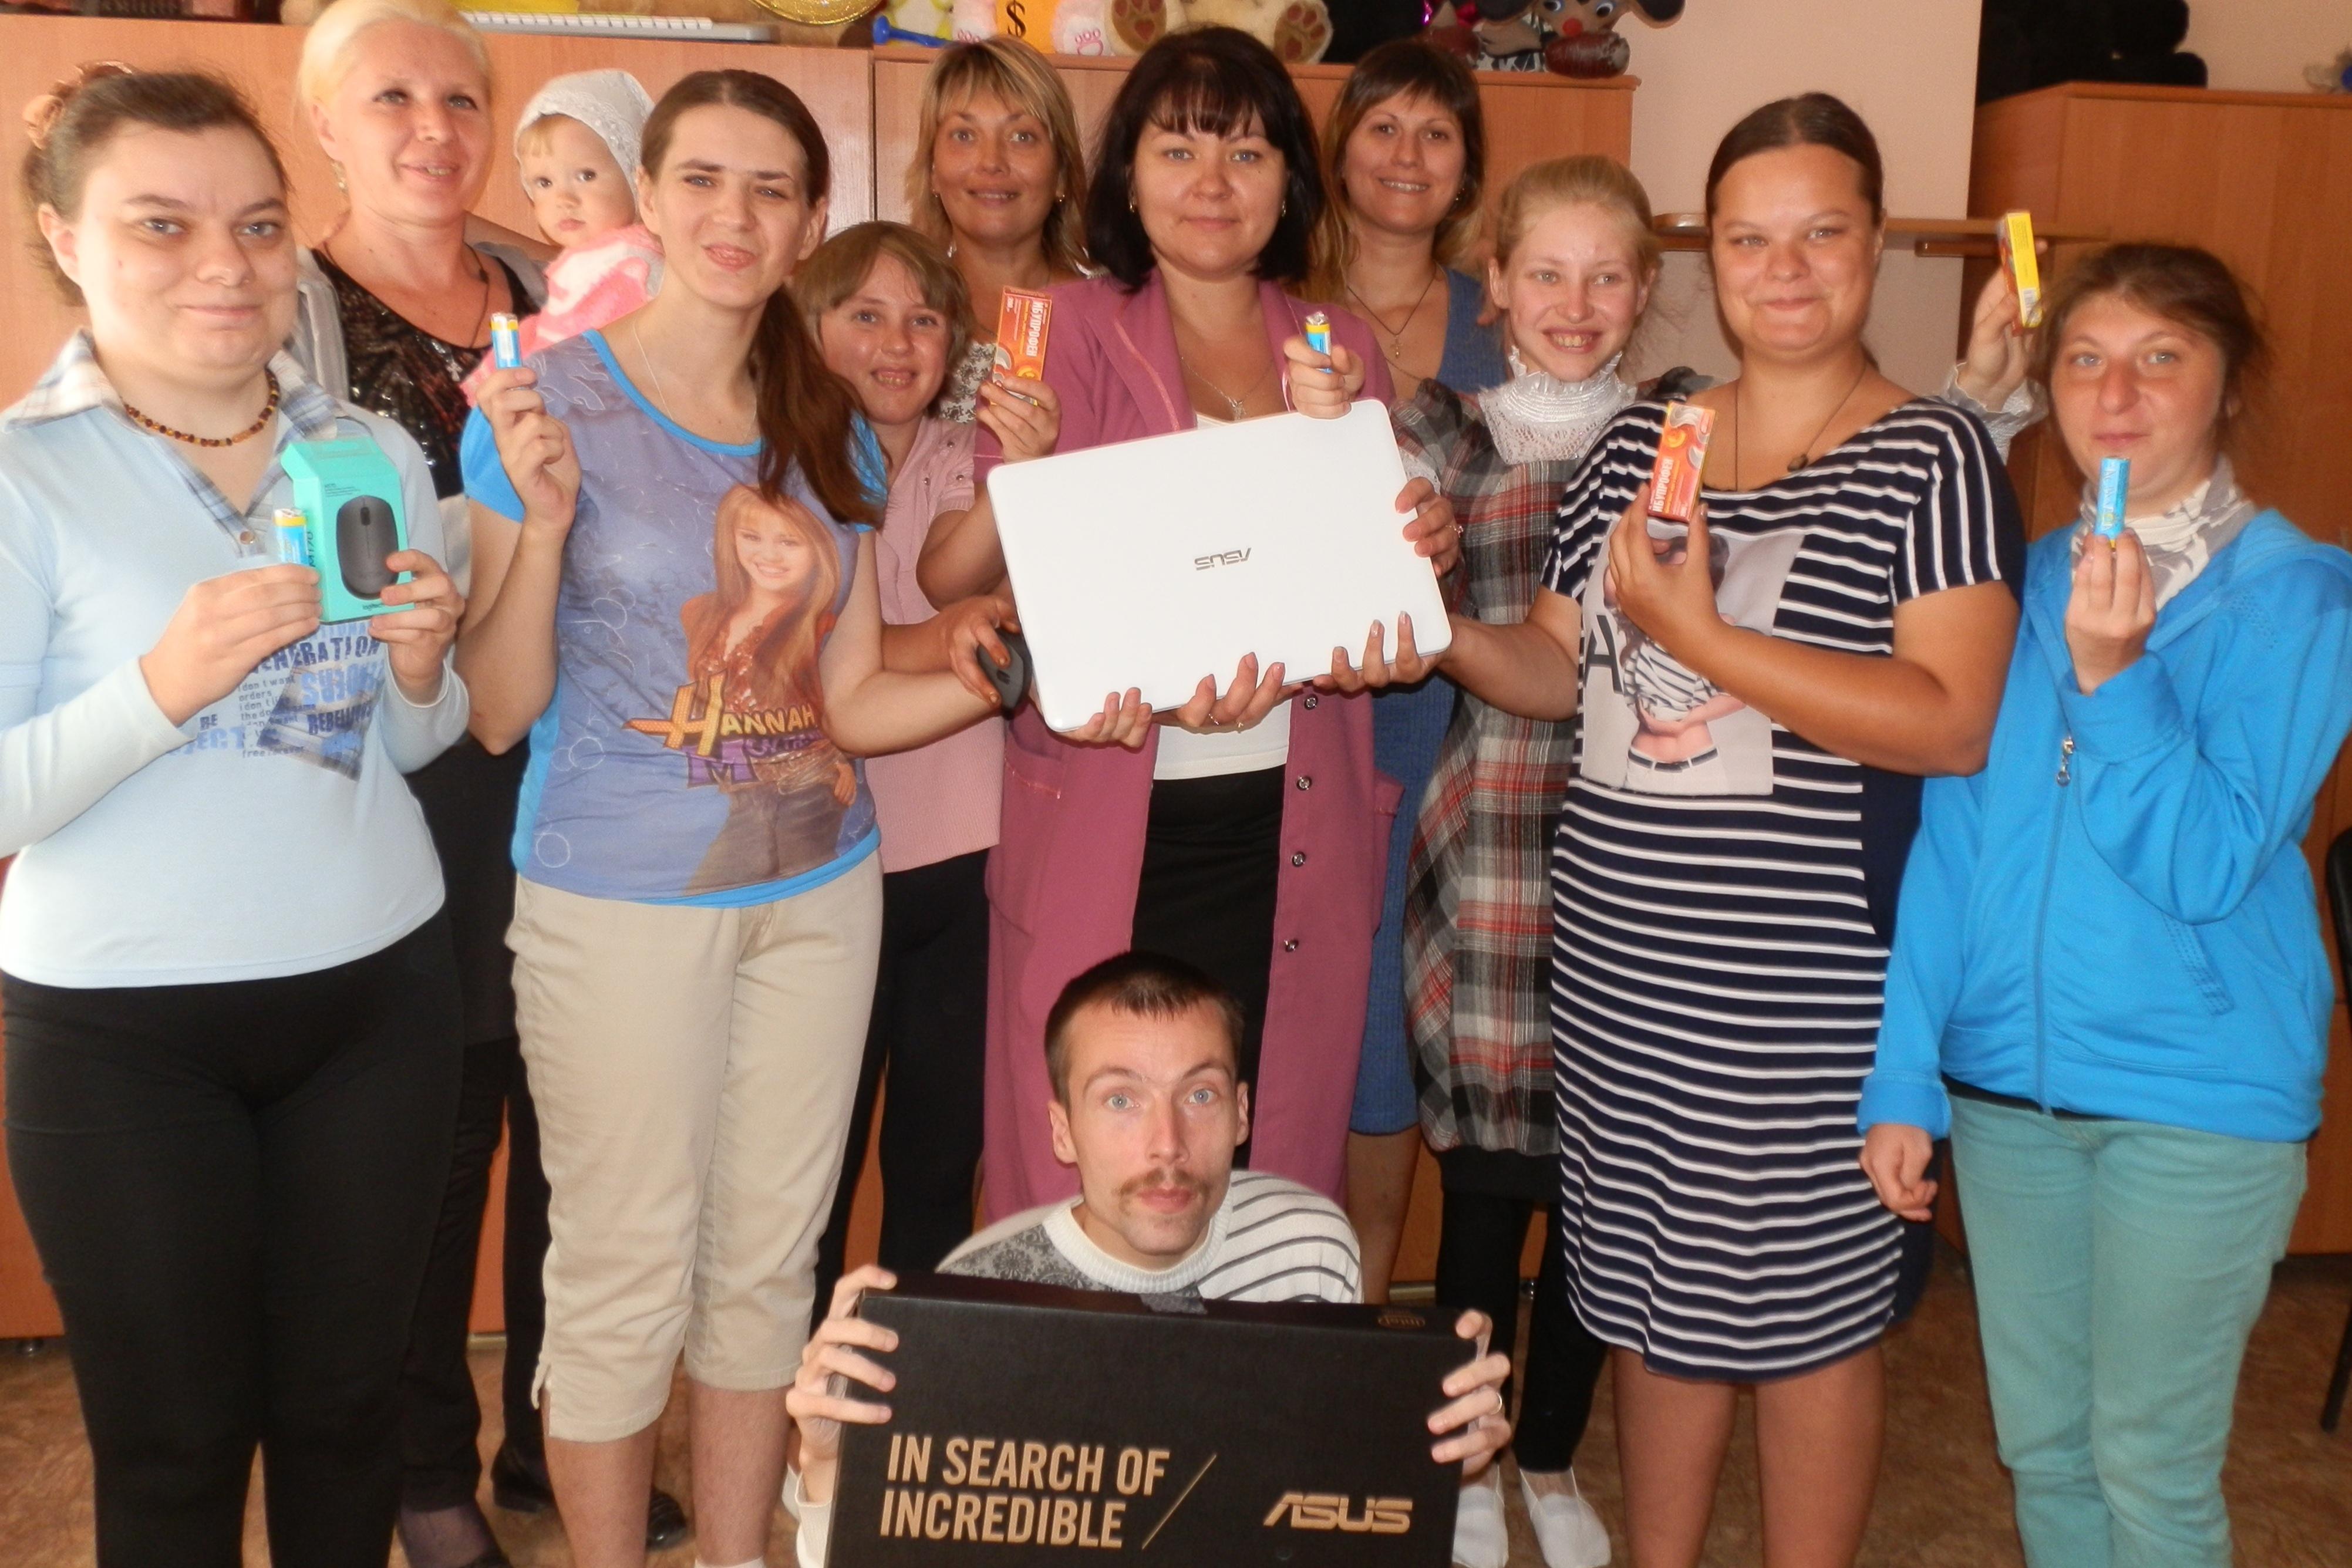 Воспитанники Алчевской духовной лечебницы с подарком от Совета муниципальных образований